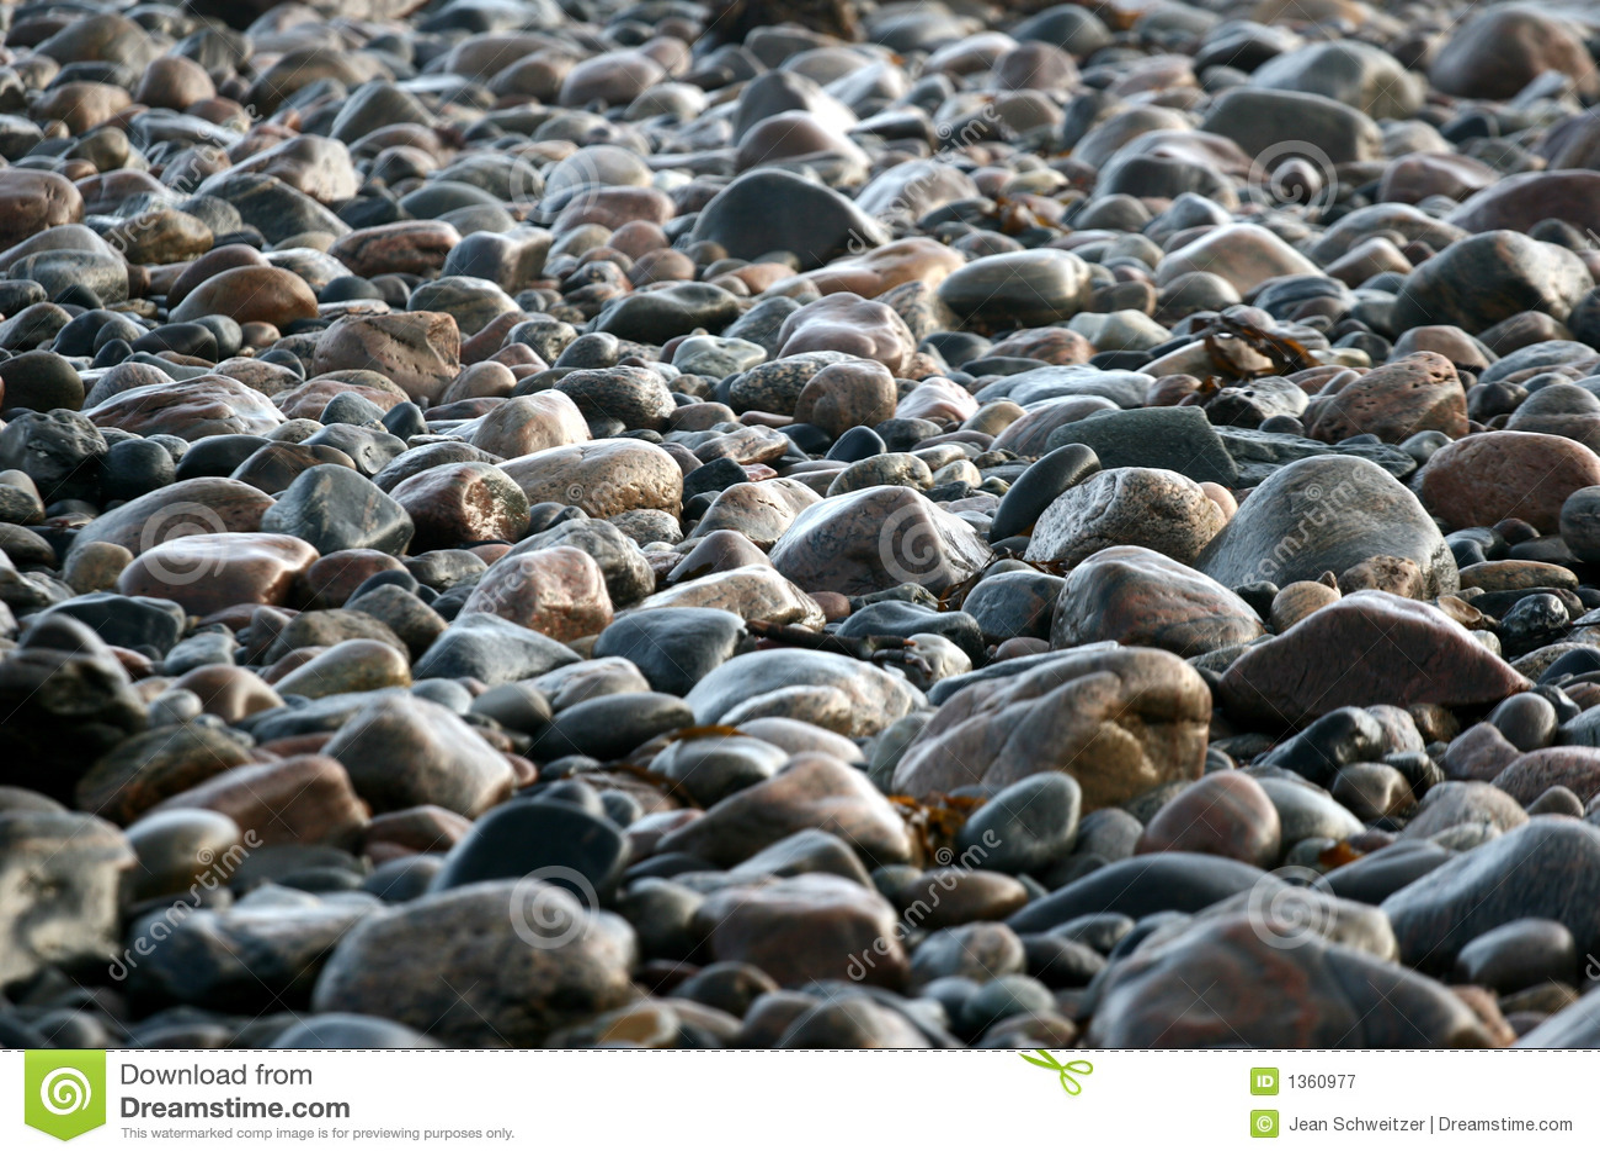 on stones ocean - photo #16